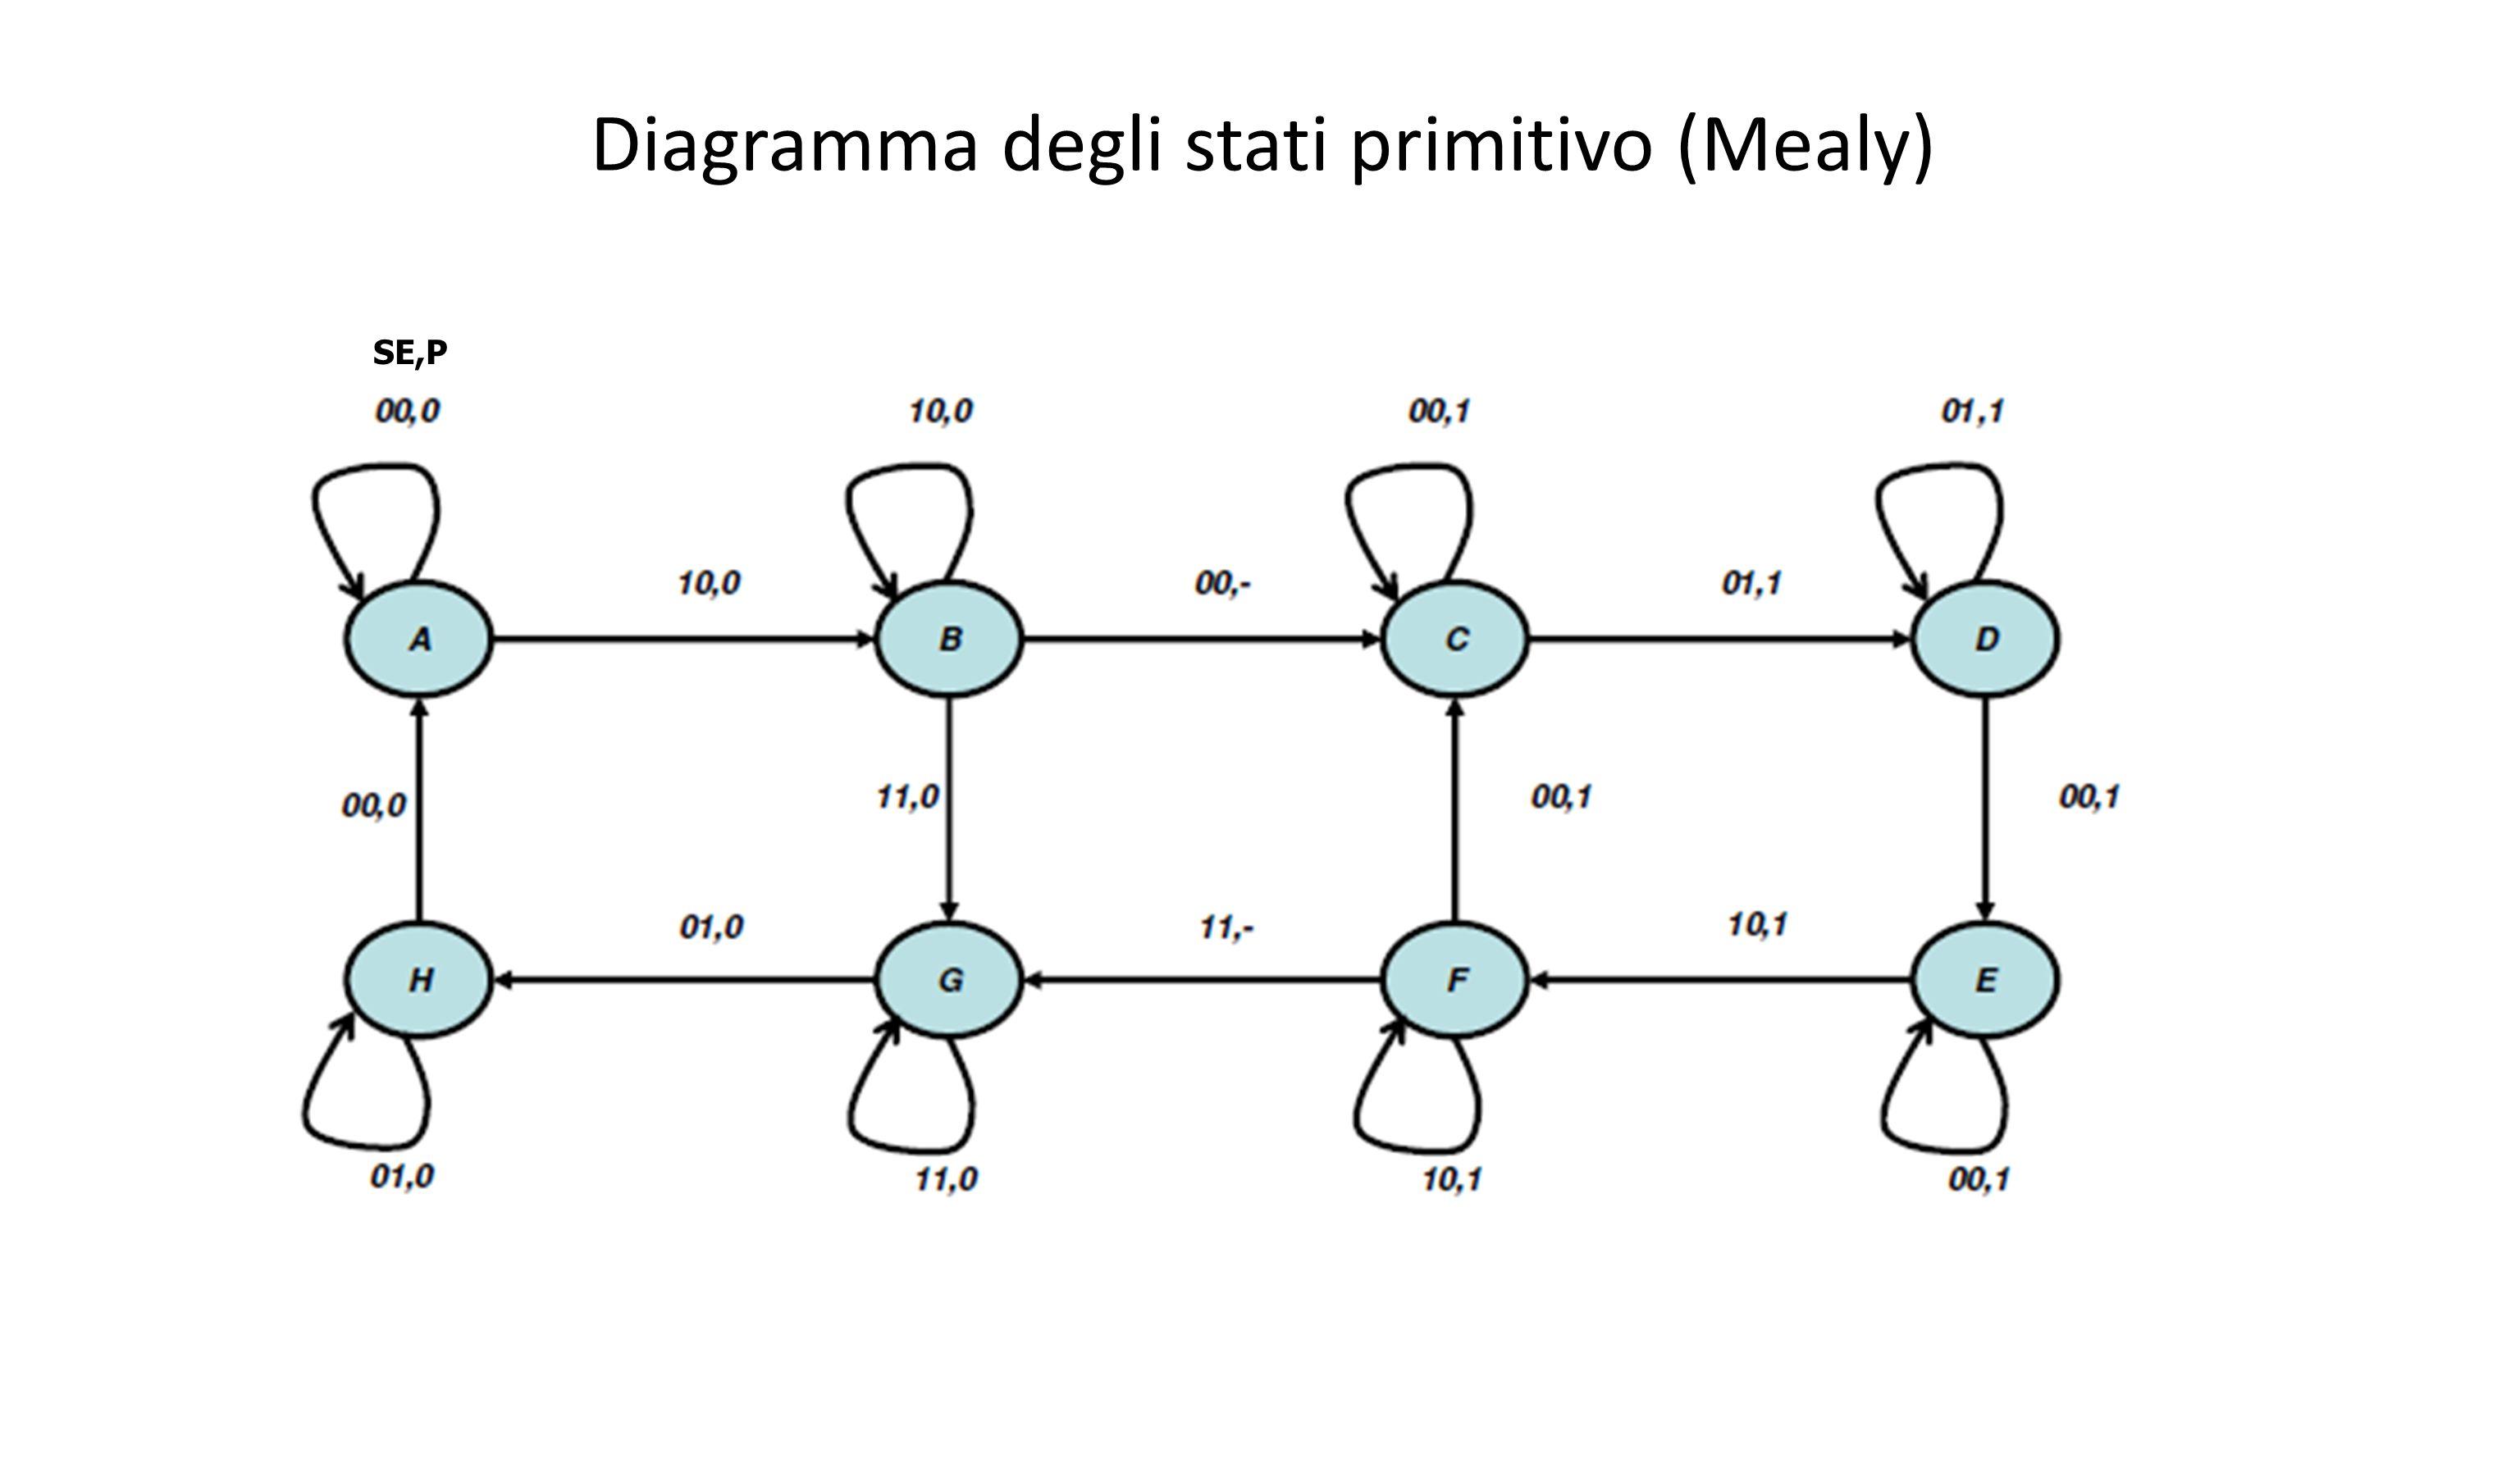 Tabella degli stati primitiva / Ricerca stati compatibili 00011110 AA,0-,- B,0 BC,--,-G,0B,0 CC,1D,1-,- DE,1D,1-,- EE,1-,- F,1 FC,1-,-G,-F,1 G-,-H,0G,0-,- HA,0H,0-,- BAC CX-- DXCE EXX-- FXX CE G-- XX H XXXXX ABCDEFG SE Classi massime di compatibilità che soddisfano copertura e chiusura: [A,G,H] => α [B] => β [C,D,E,F] => γ